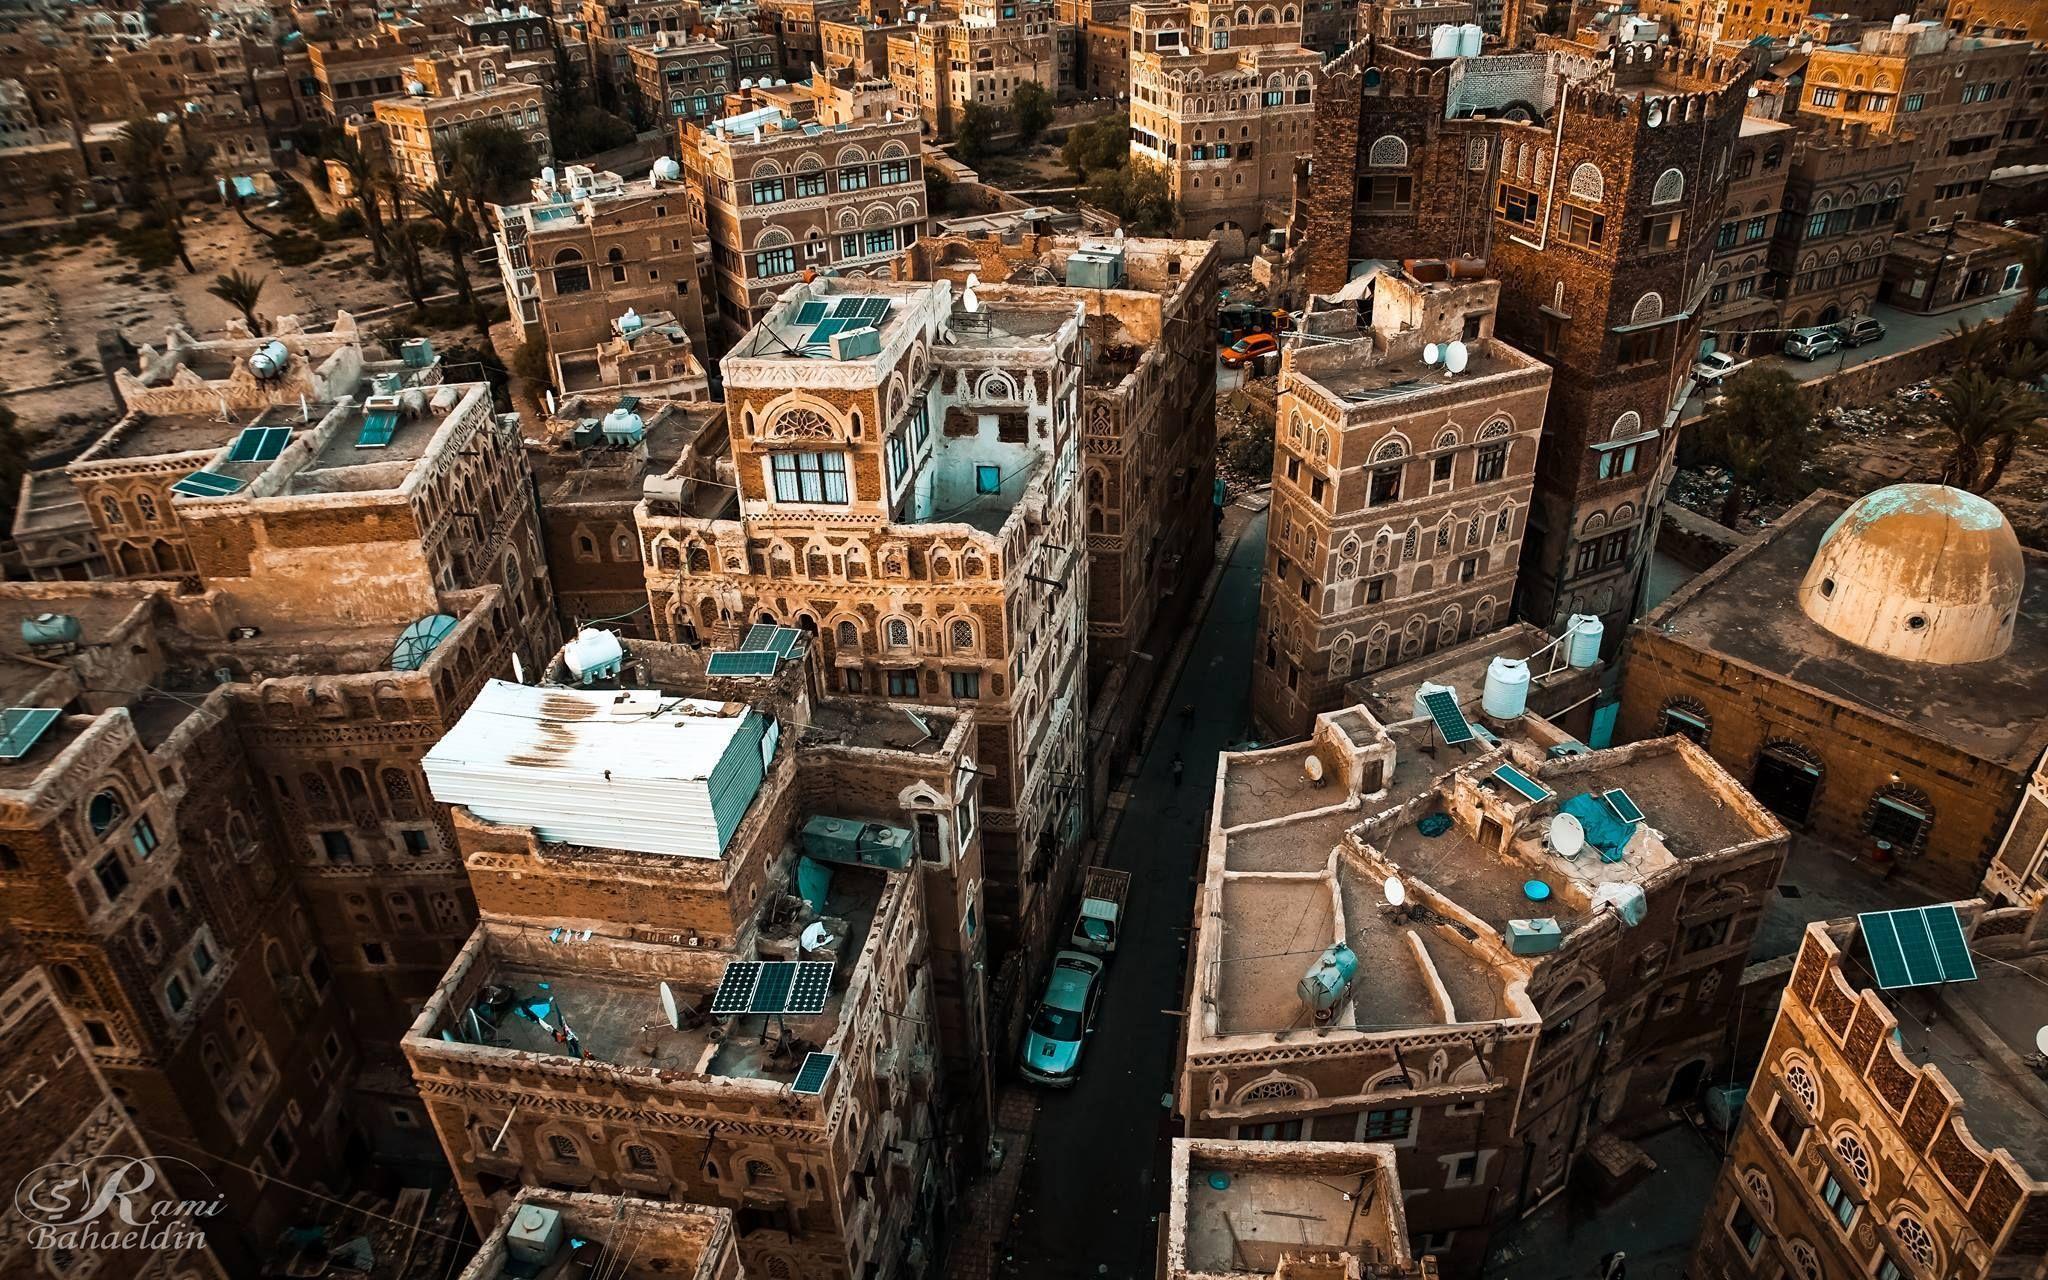 طراز معماري خاص وتاريخ عمره أكثر من 2500 سنة وضع مدينة صنعاء القديمة على قائمة اليونسكو لمراكز التراث العالمي Yemen